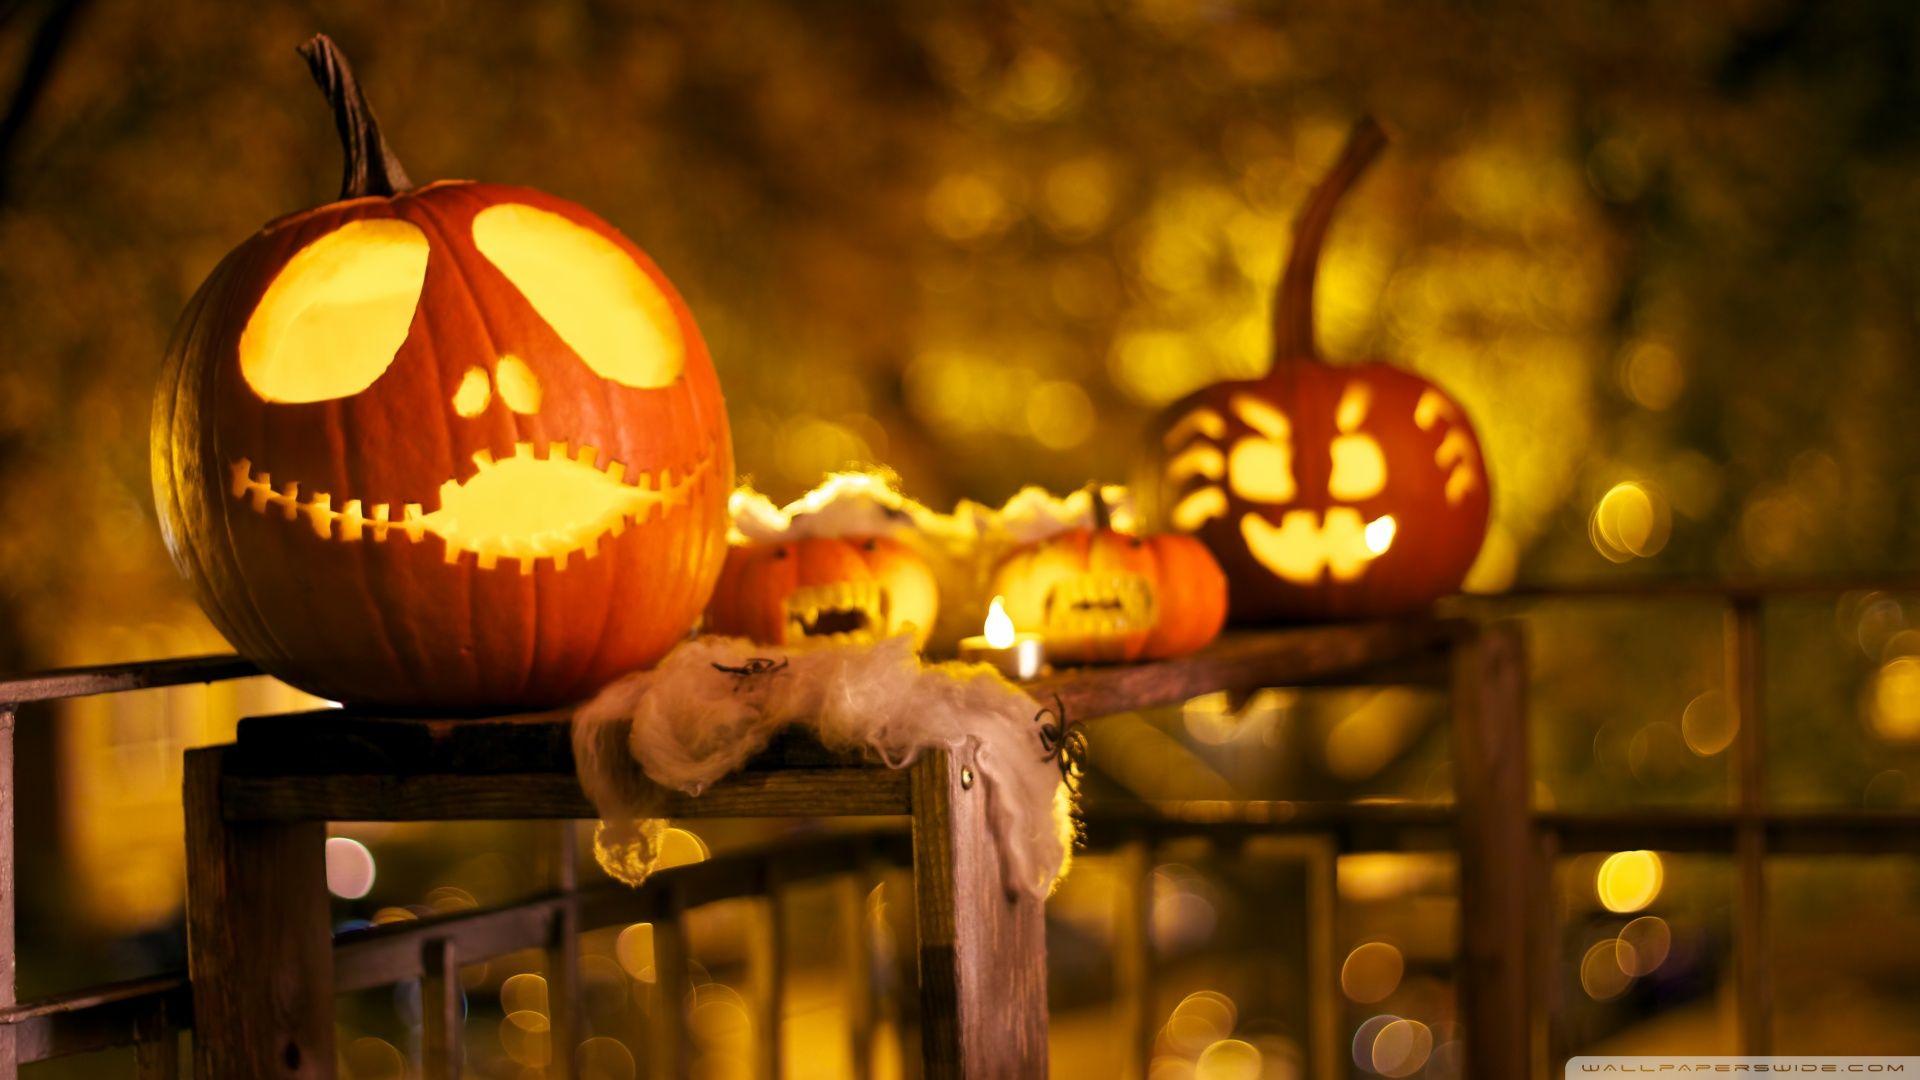 Halloween Wallpapers Images